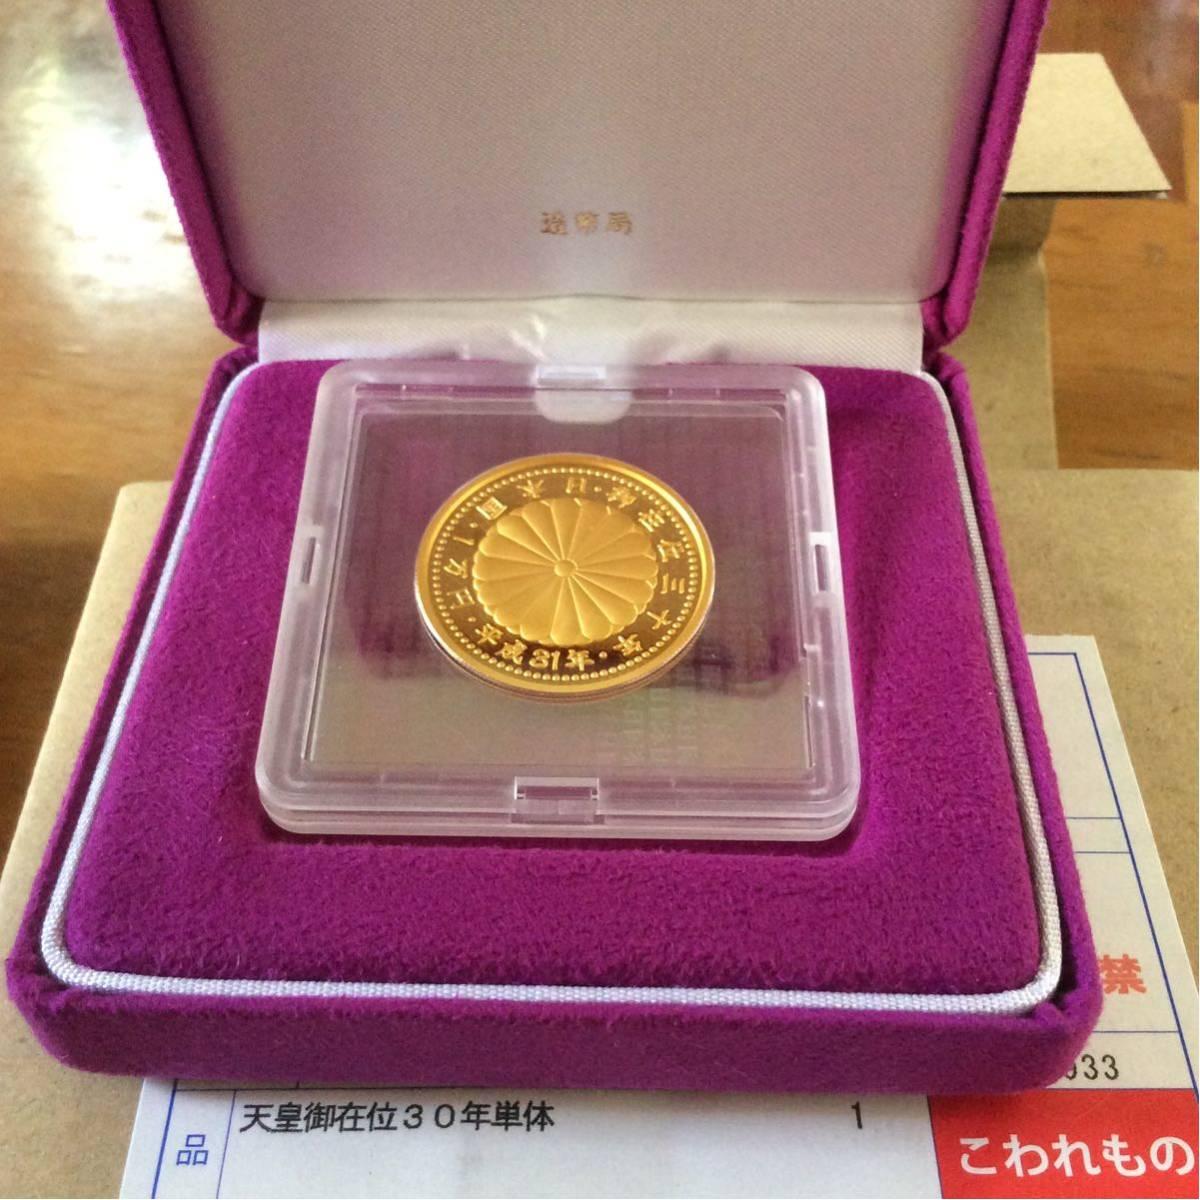 天皇陛下御在位三十年記念金貨 プルーフ貨幣金貨単体セット 一万円記念金貨_画像7